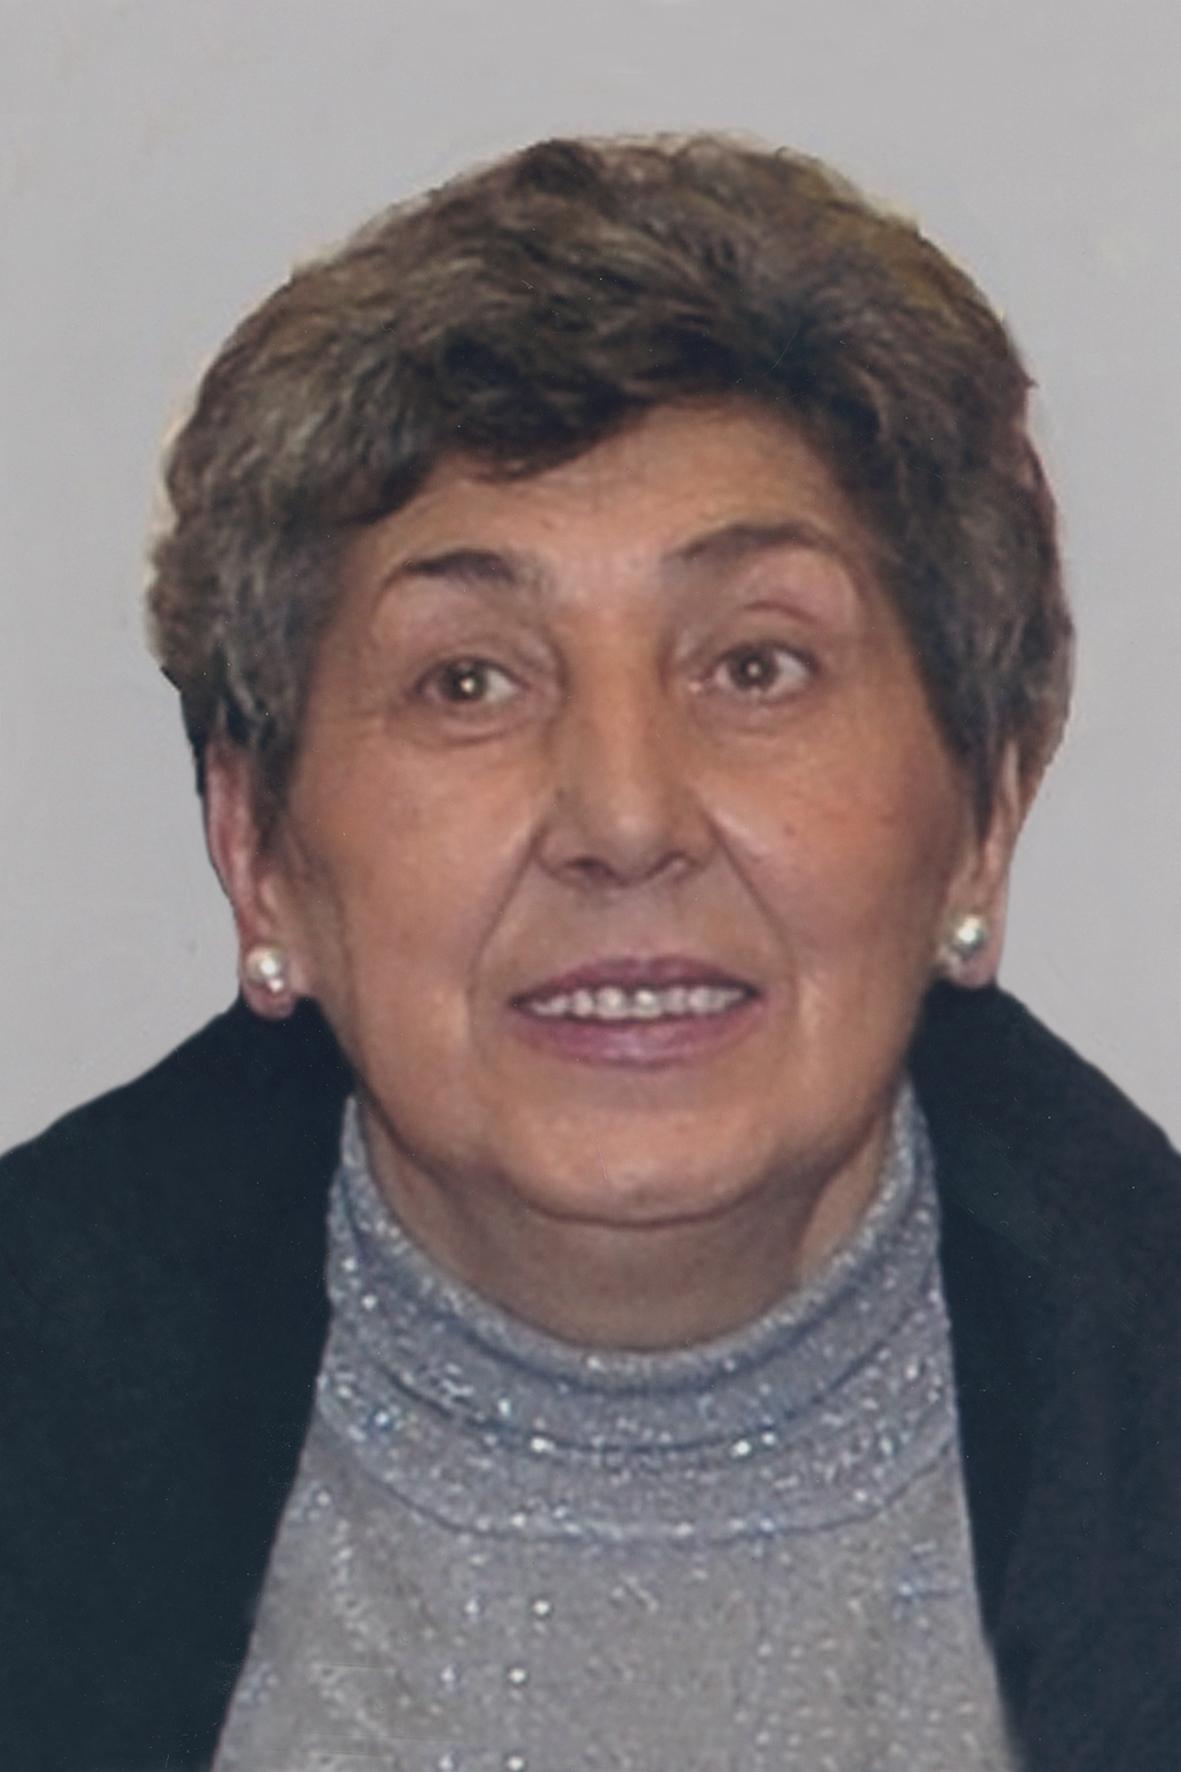 Pierantonia Grioni - Necrologio